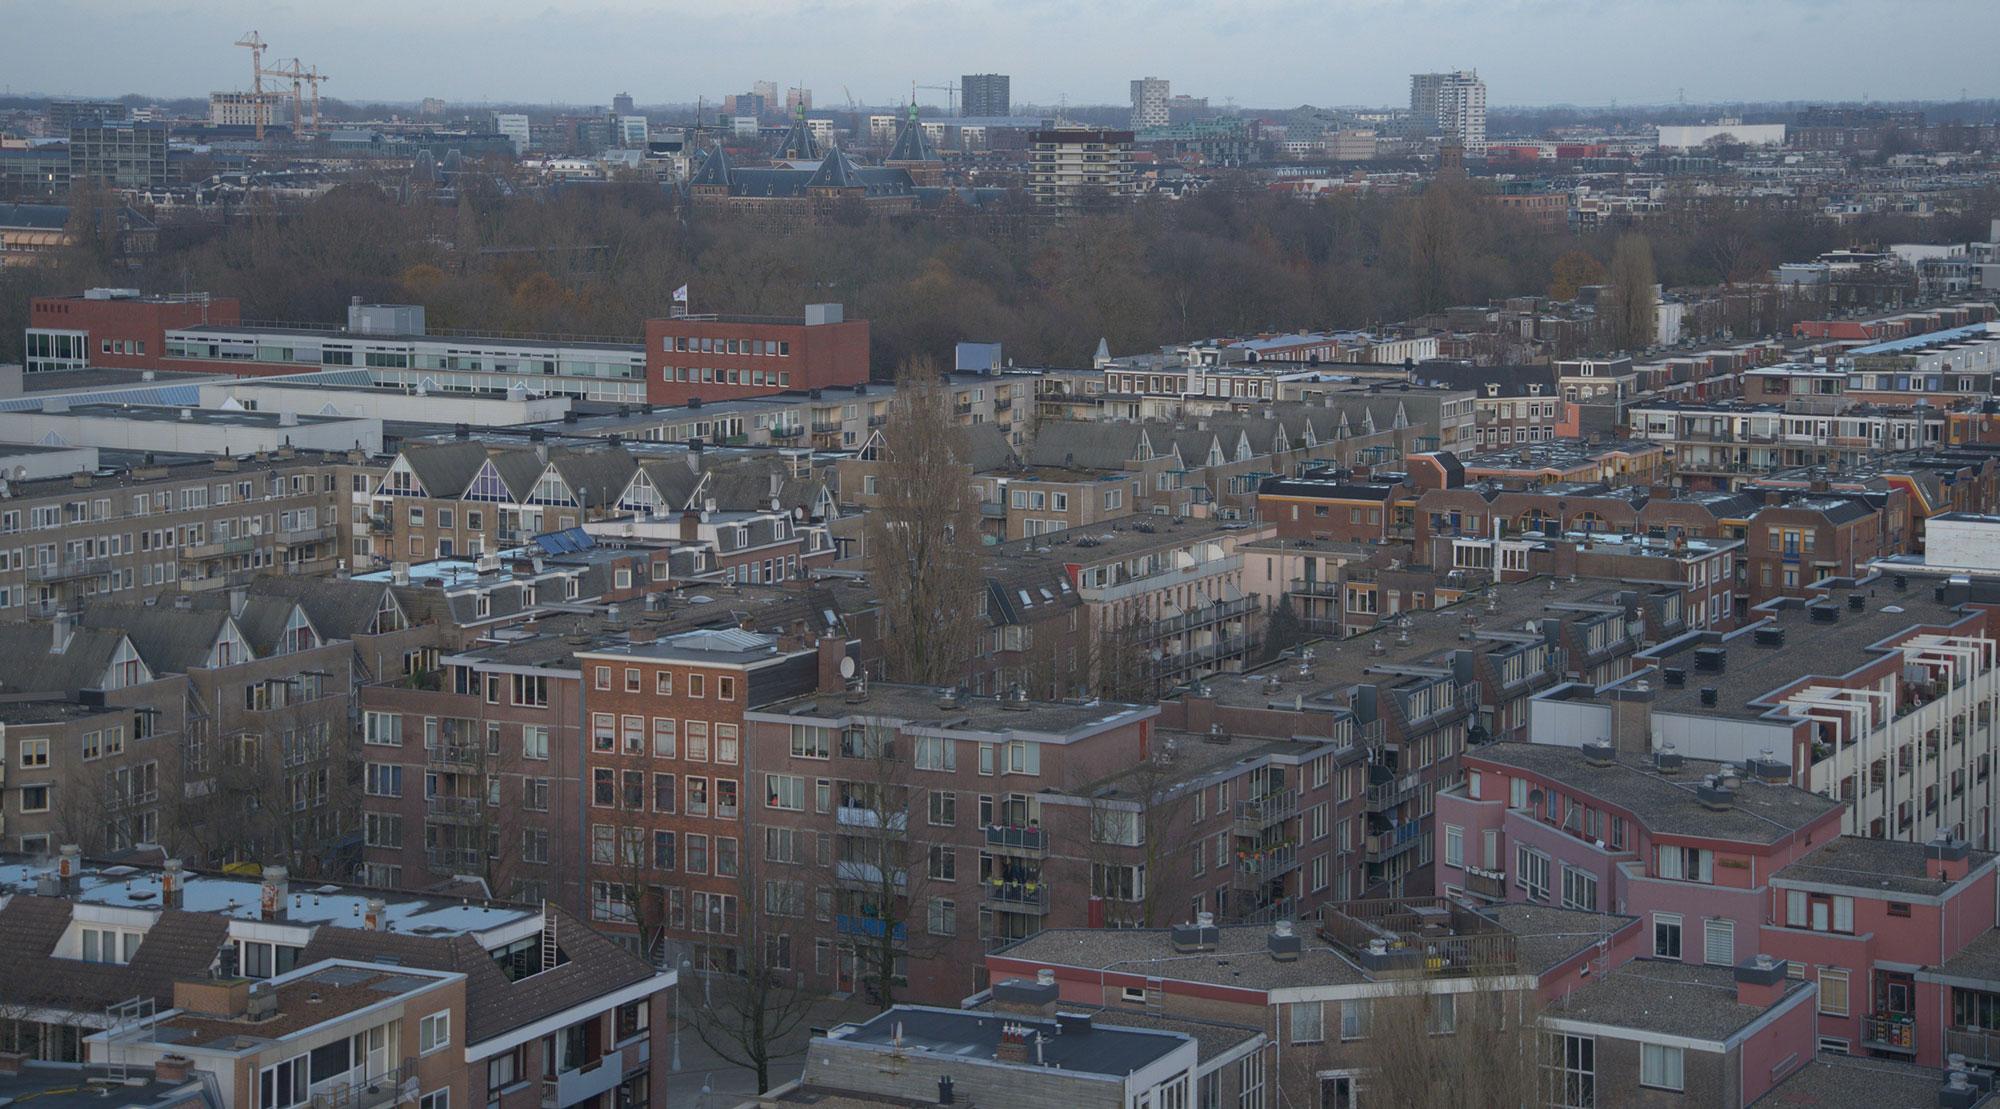 RESILIO Blauw-groene daken | Oosterparkbuurt